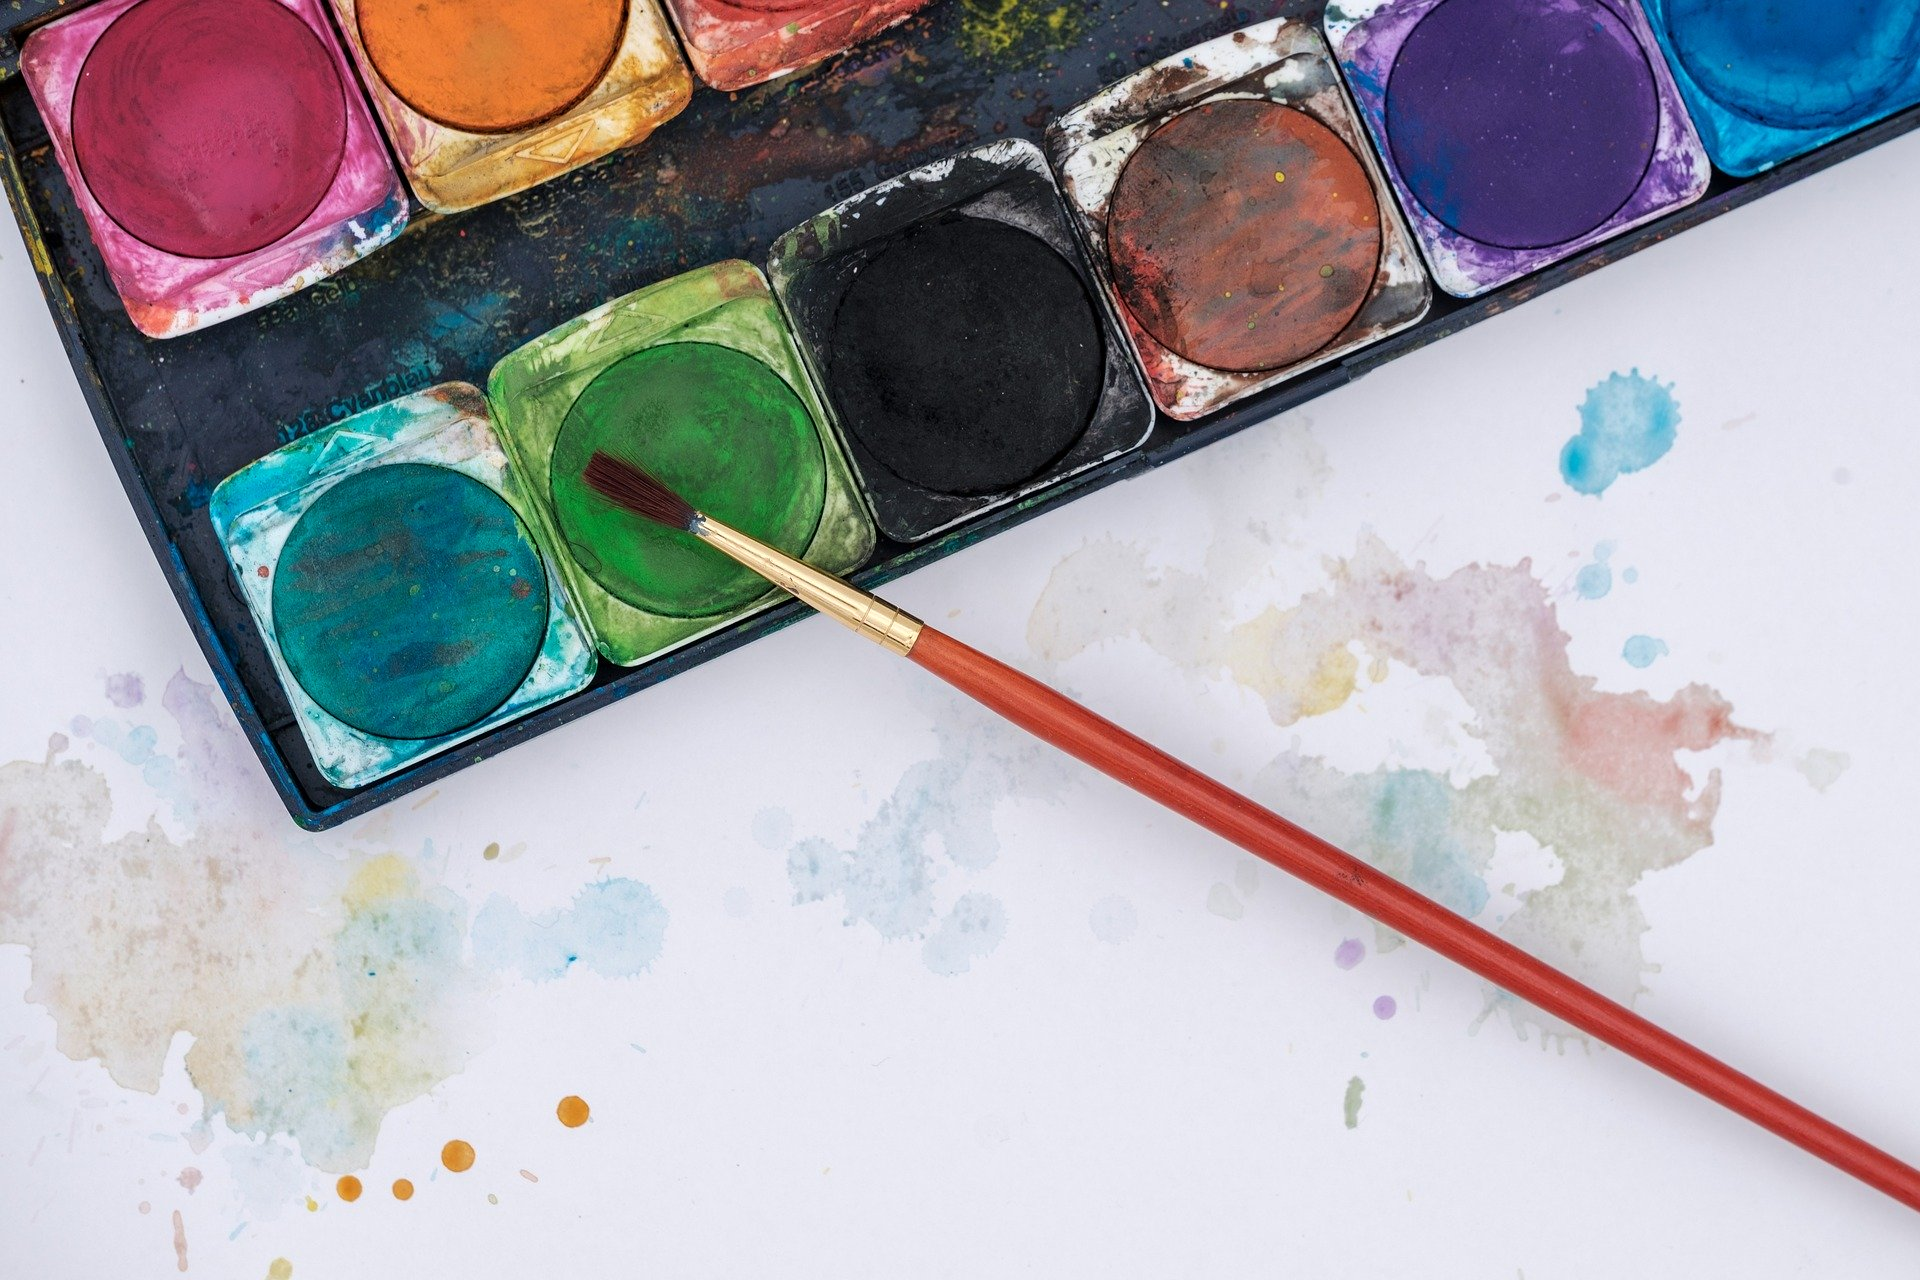 Malen, basteln, puzzlen, konstruieren  © Bru-nO, Pixabay